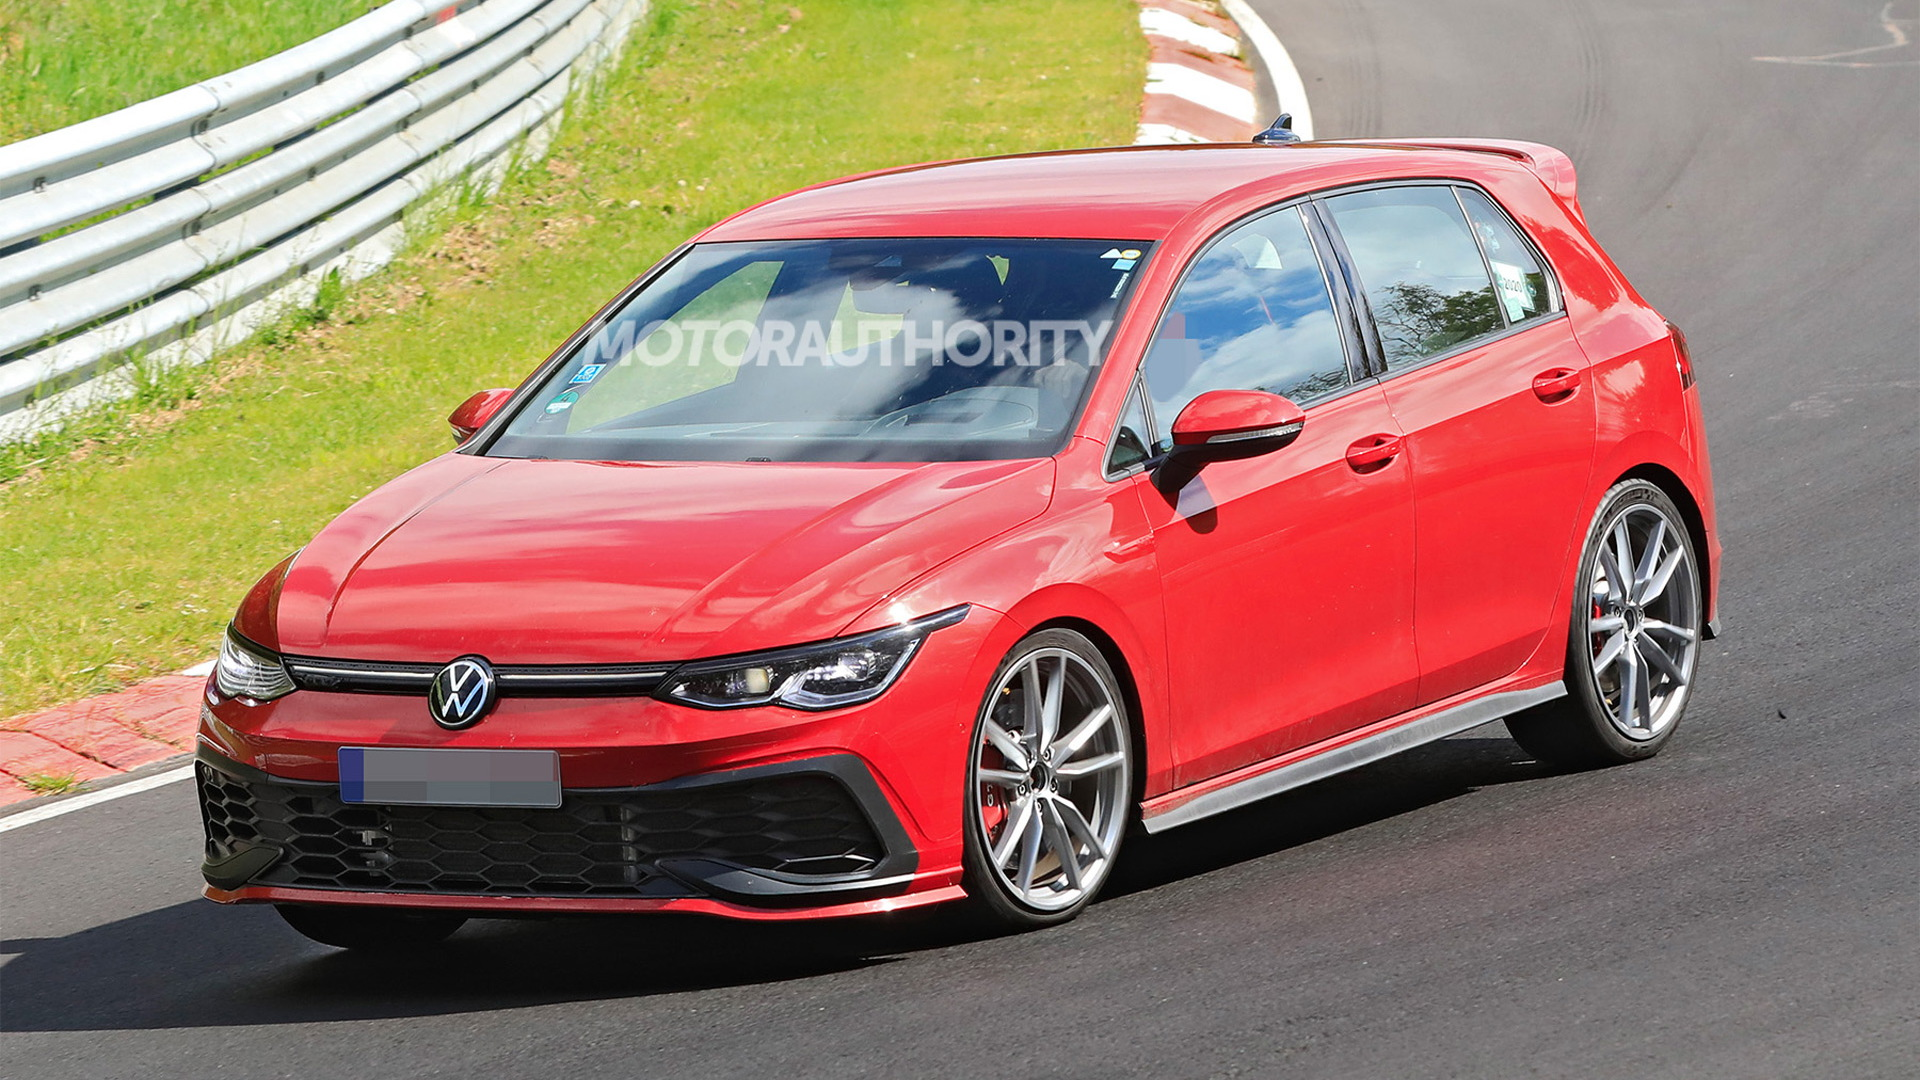 2022 Volkswagen Golf GTI TCR spy shots - Photo credit:S. Baldauf/SB-Medien